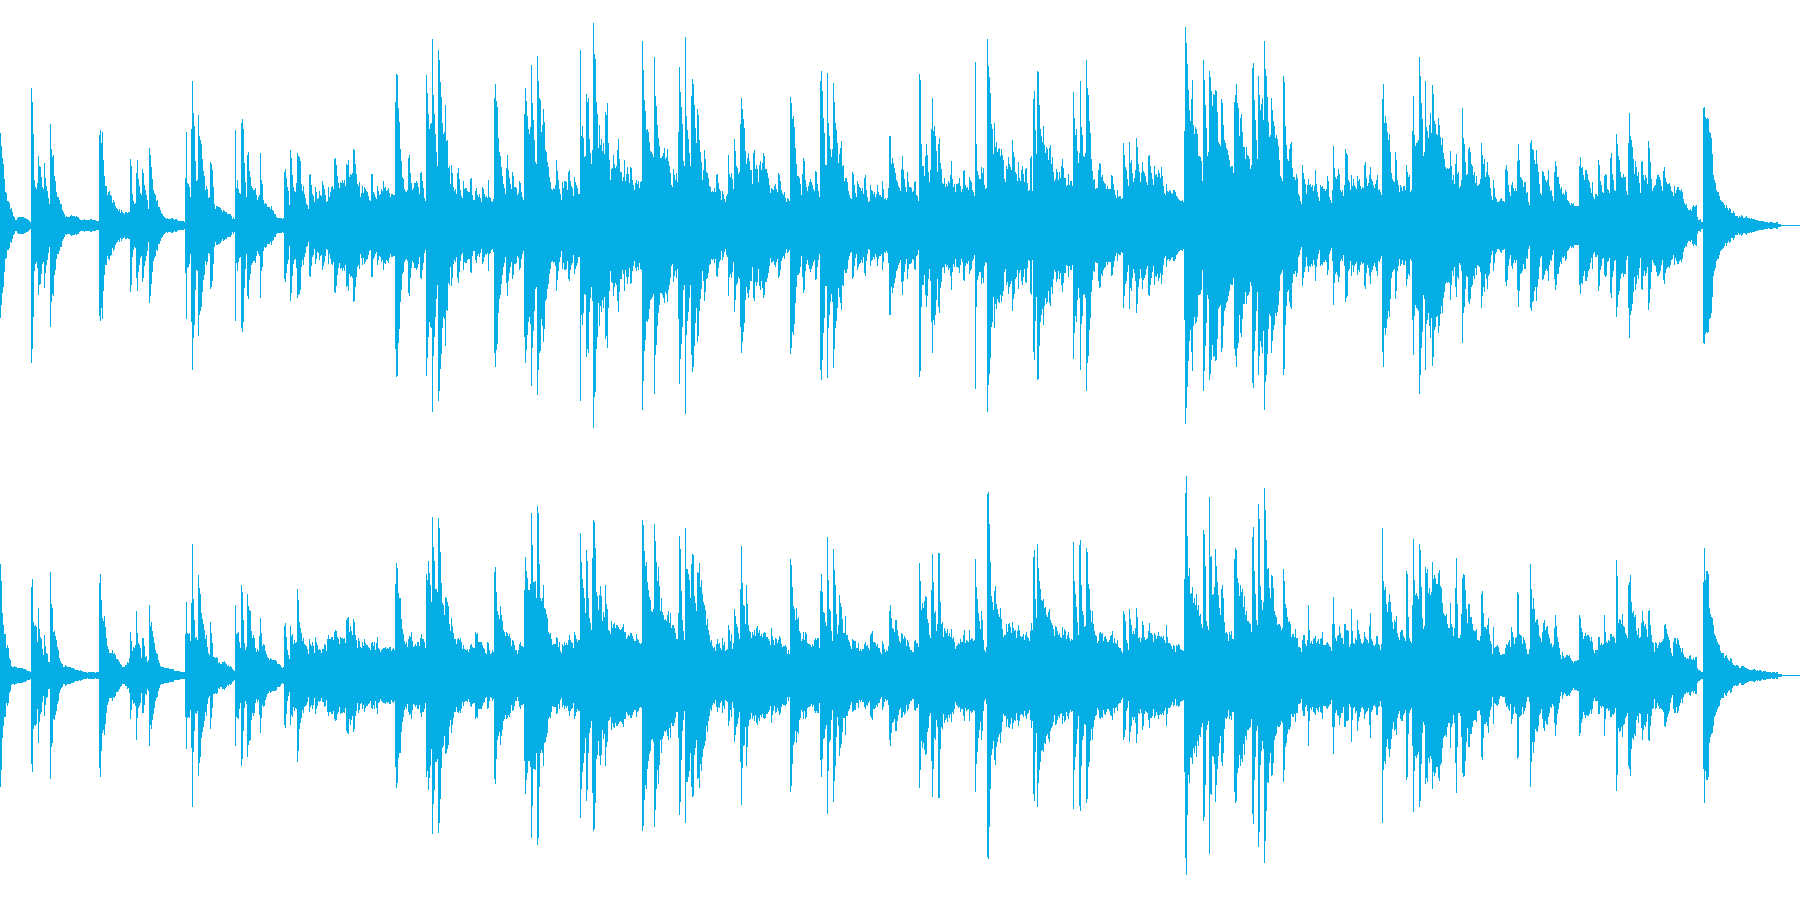 邪魔せず静かに彩るピアノソロバラードの再生済みの波形